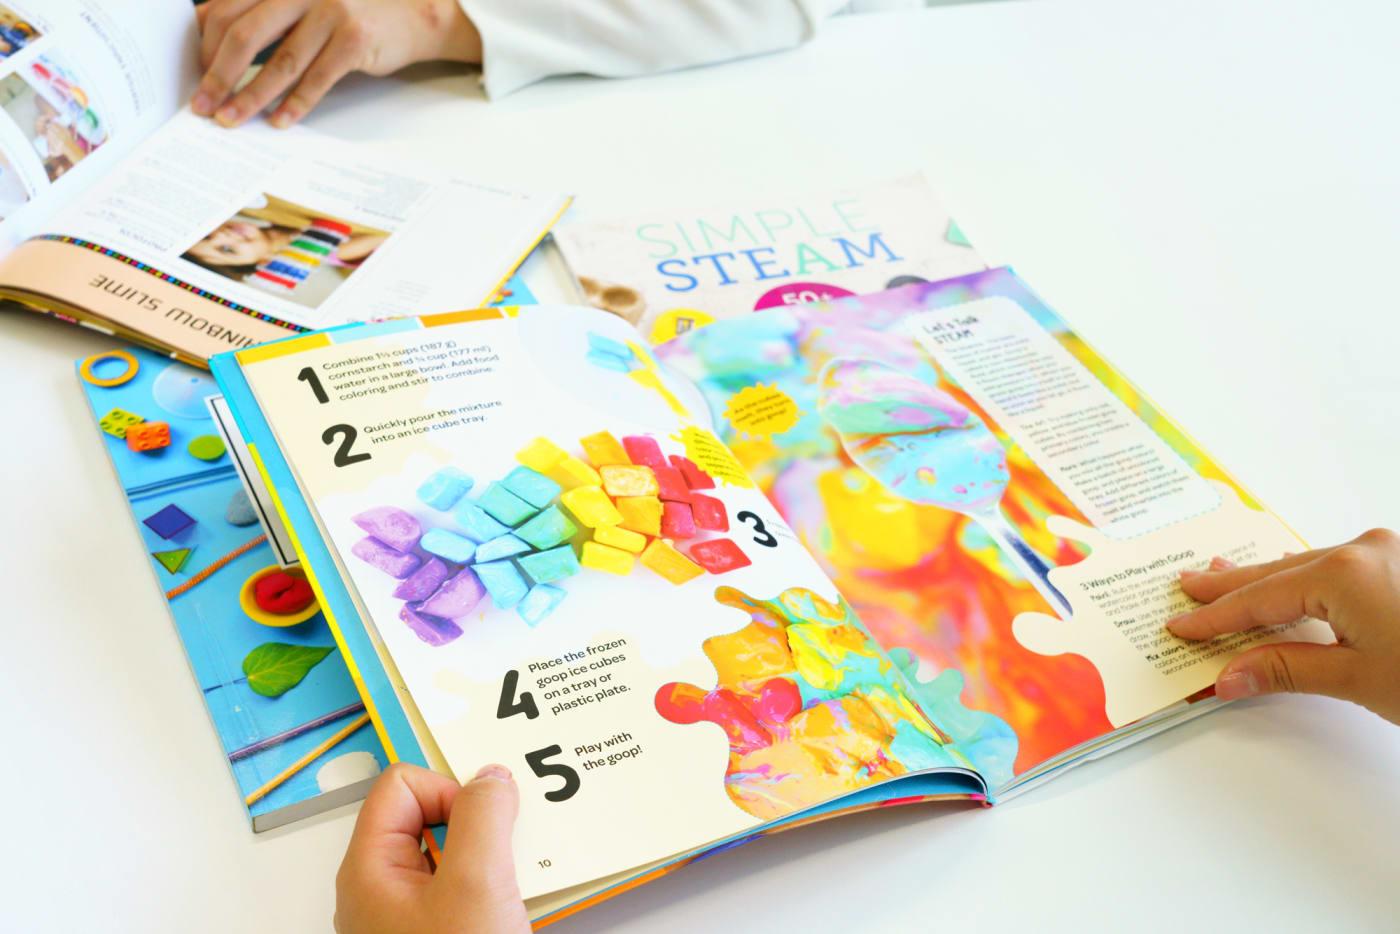 アメリカのSTEAM教育で使用されている教科書の写真